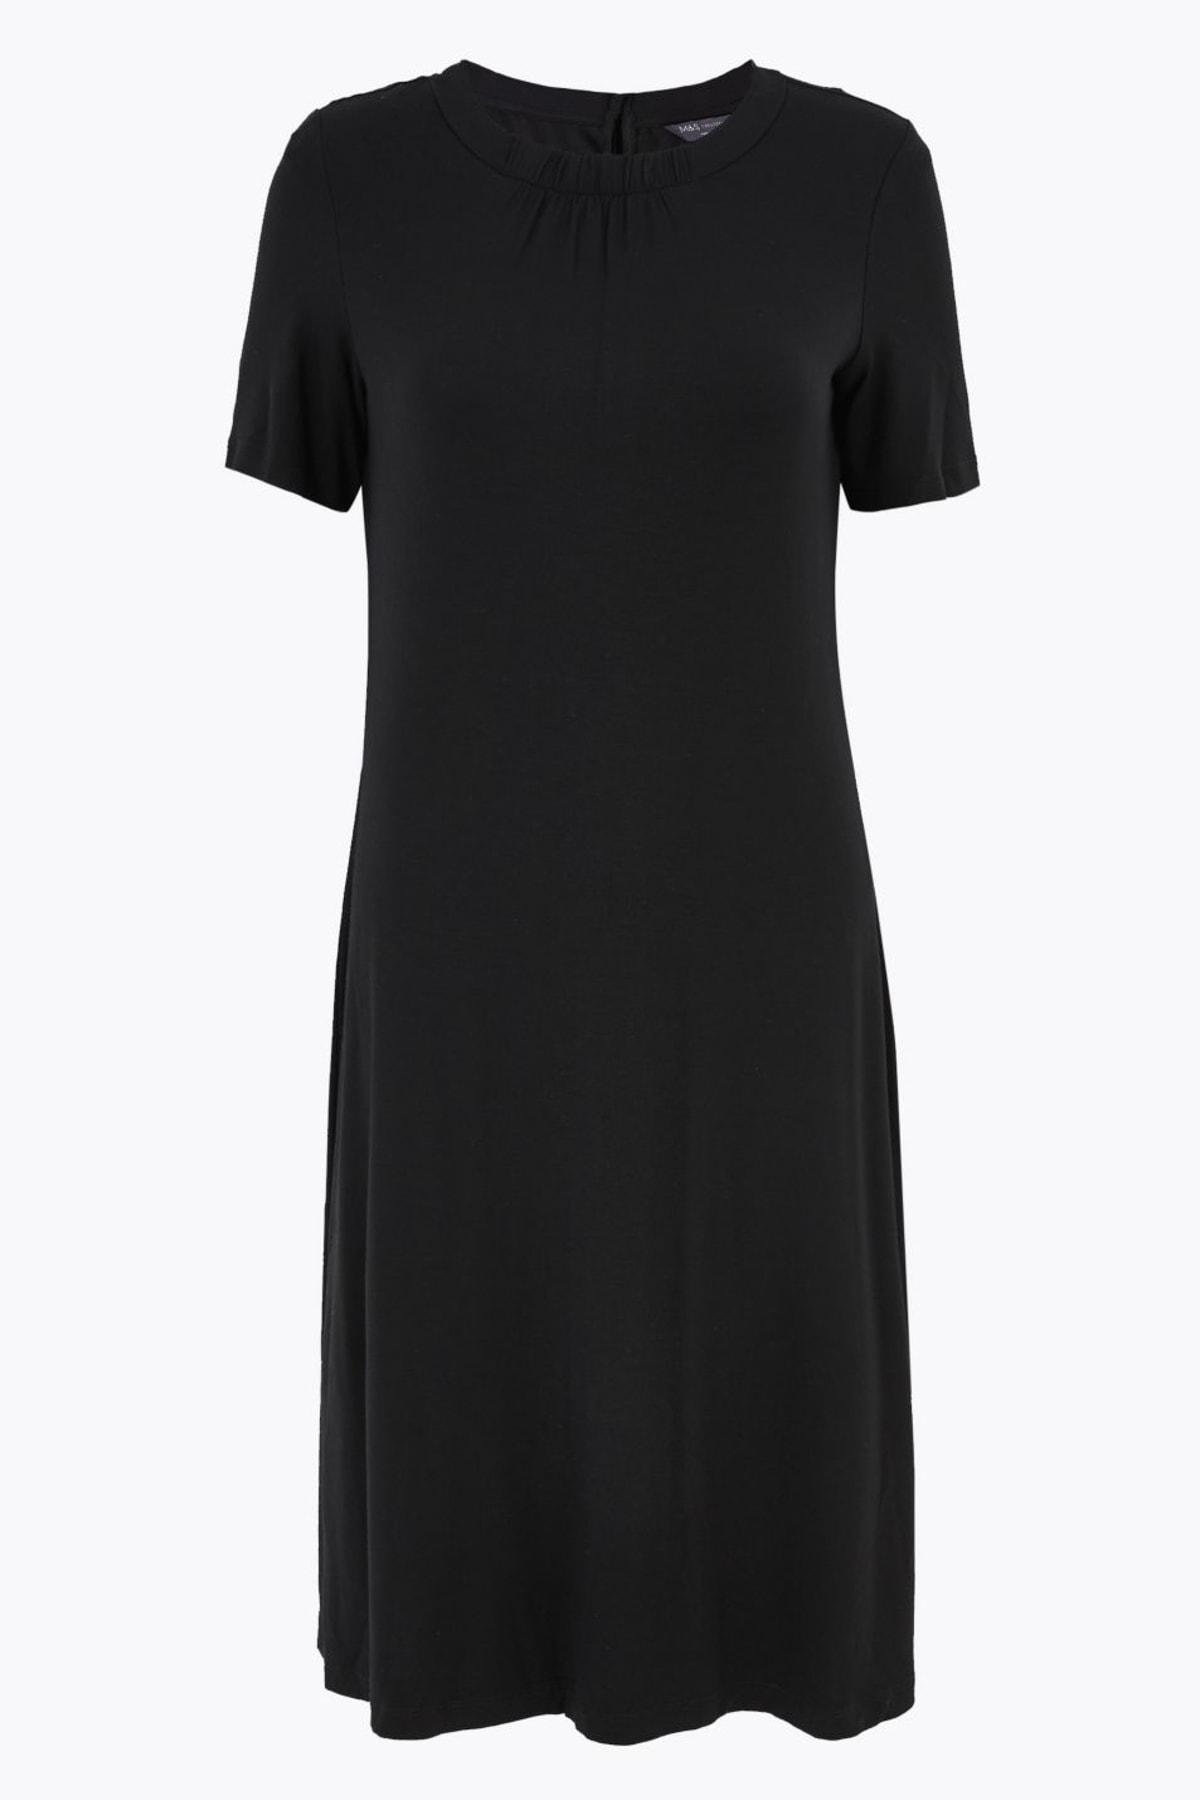 Marks & Spencer Kadın Siyah Kısa Kollu Swing Elbise T42008385 1